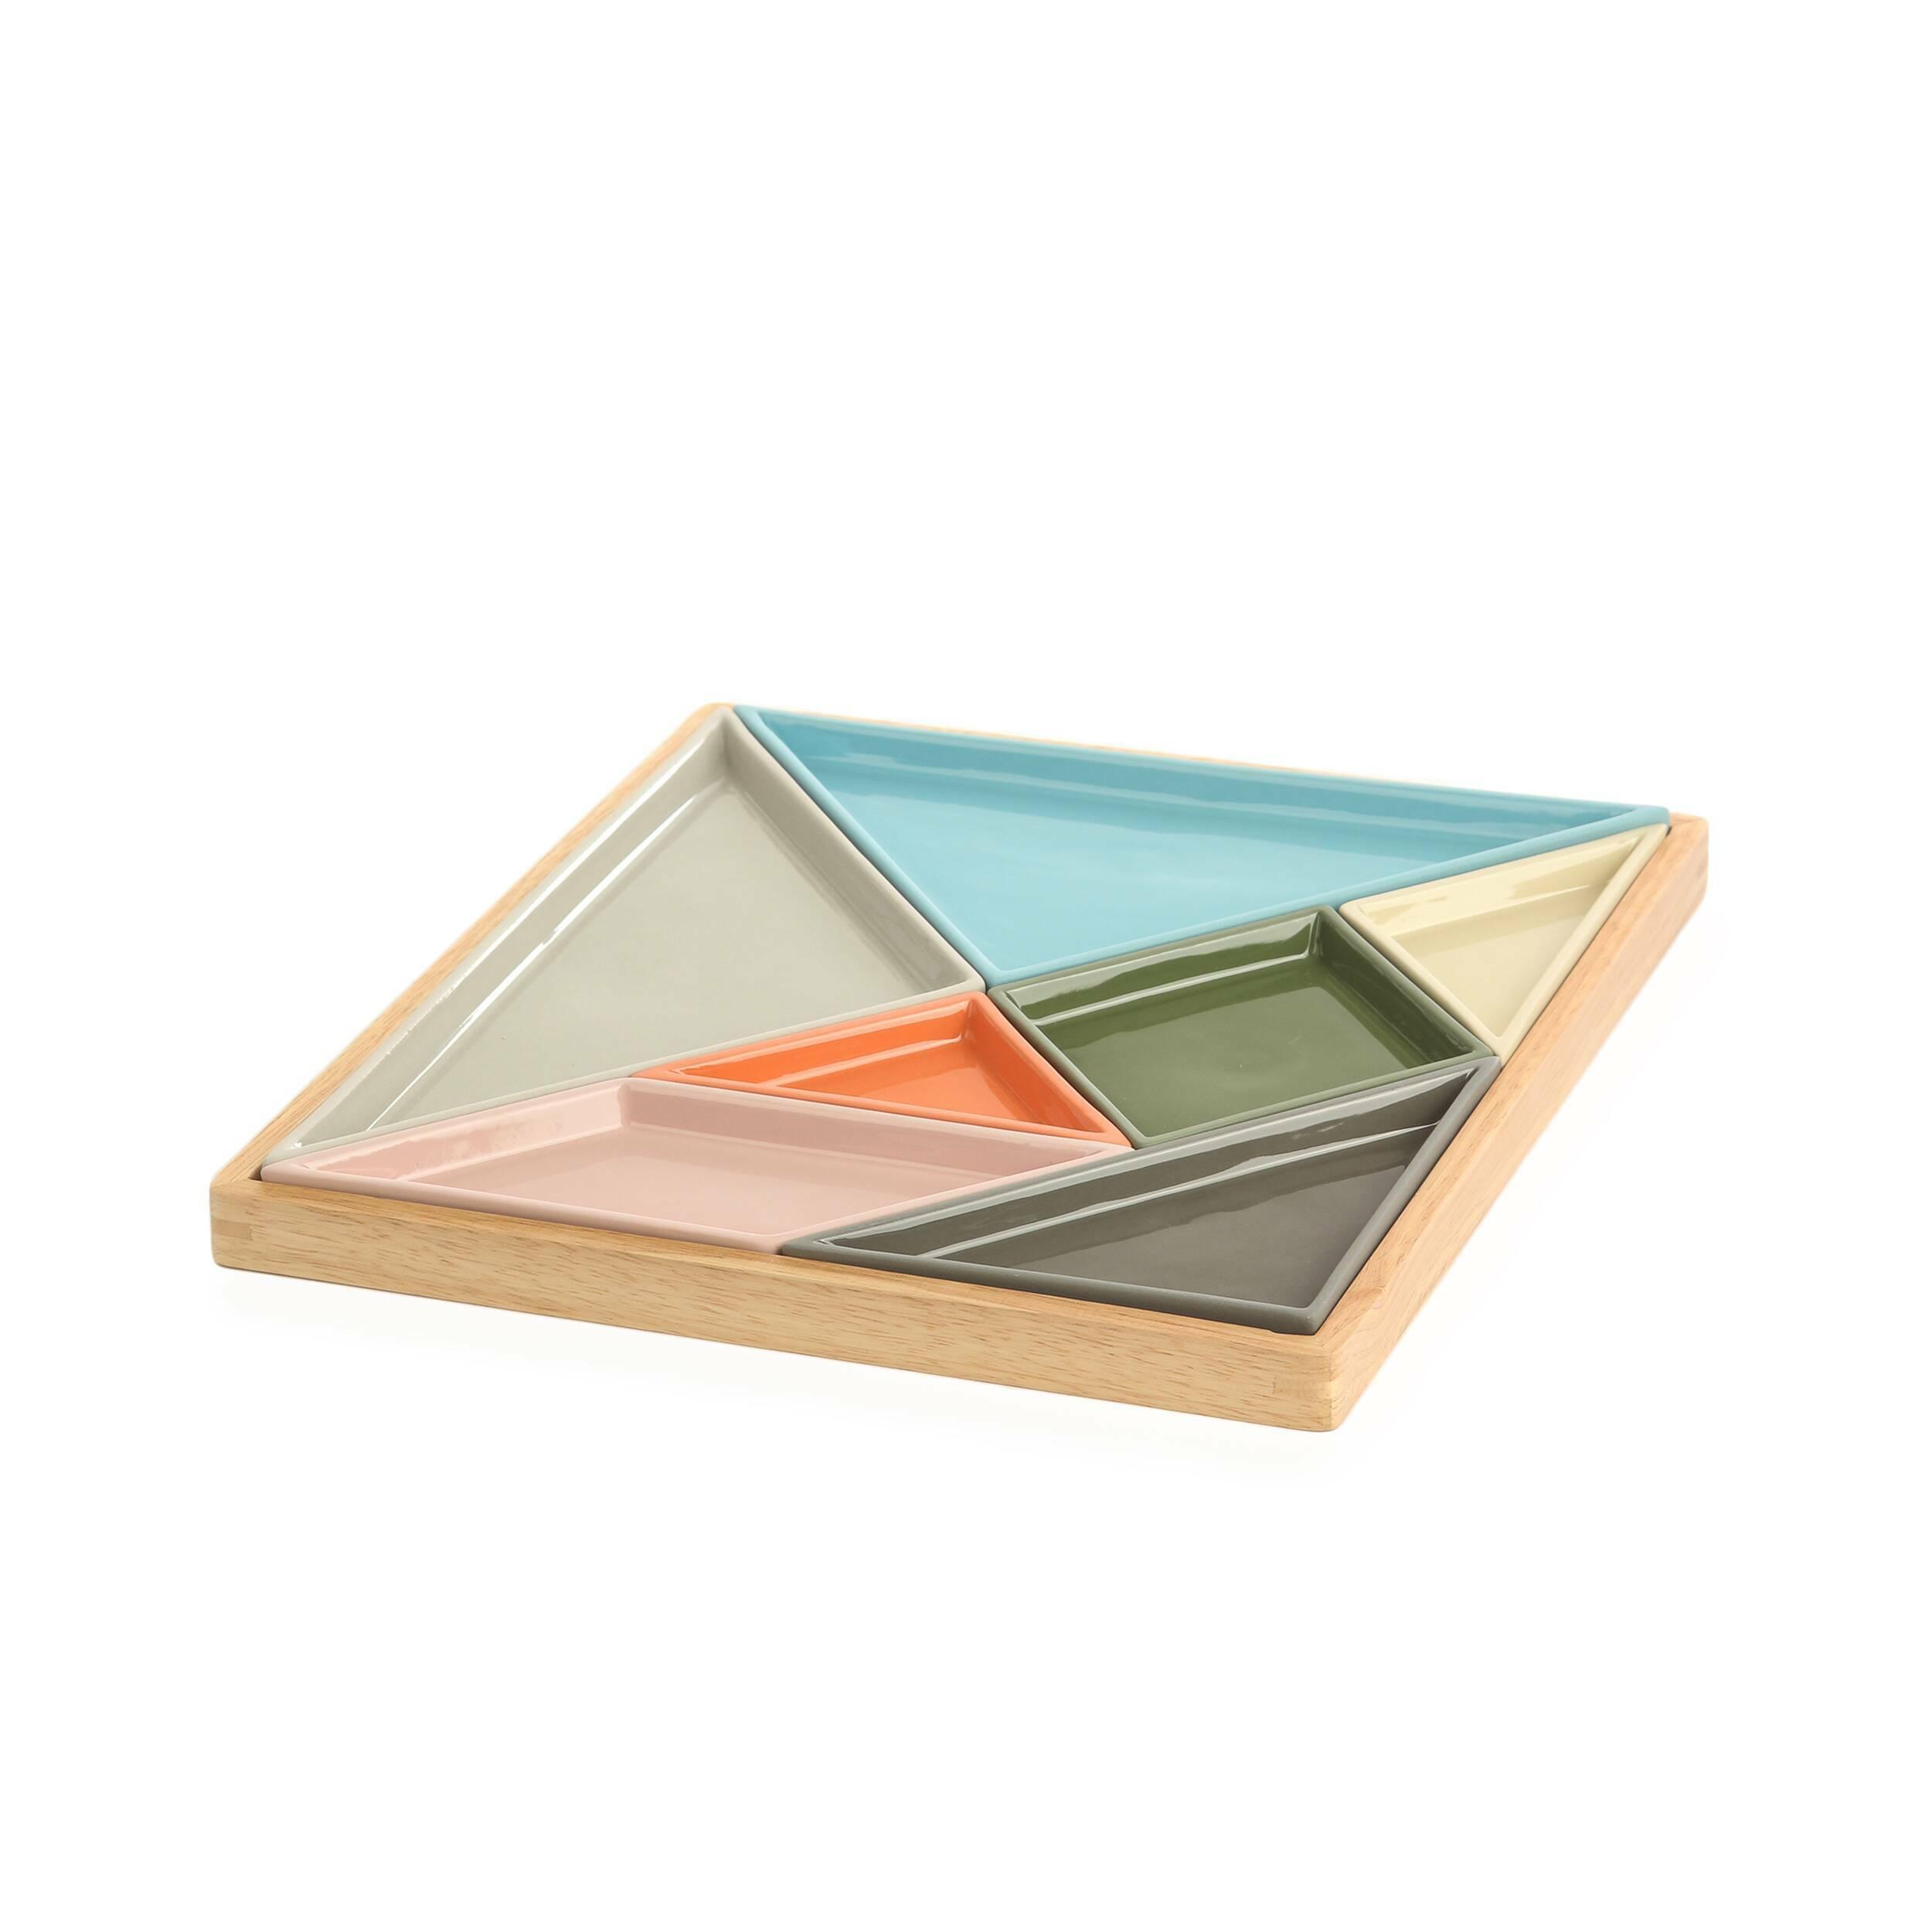 Купить Подставка Tangaram, Cosmo, Разноцветный, Керамика